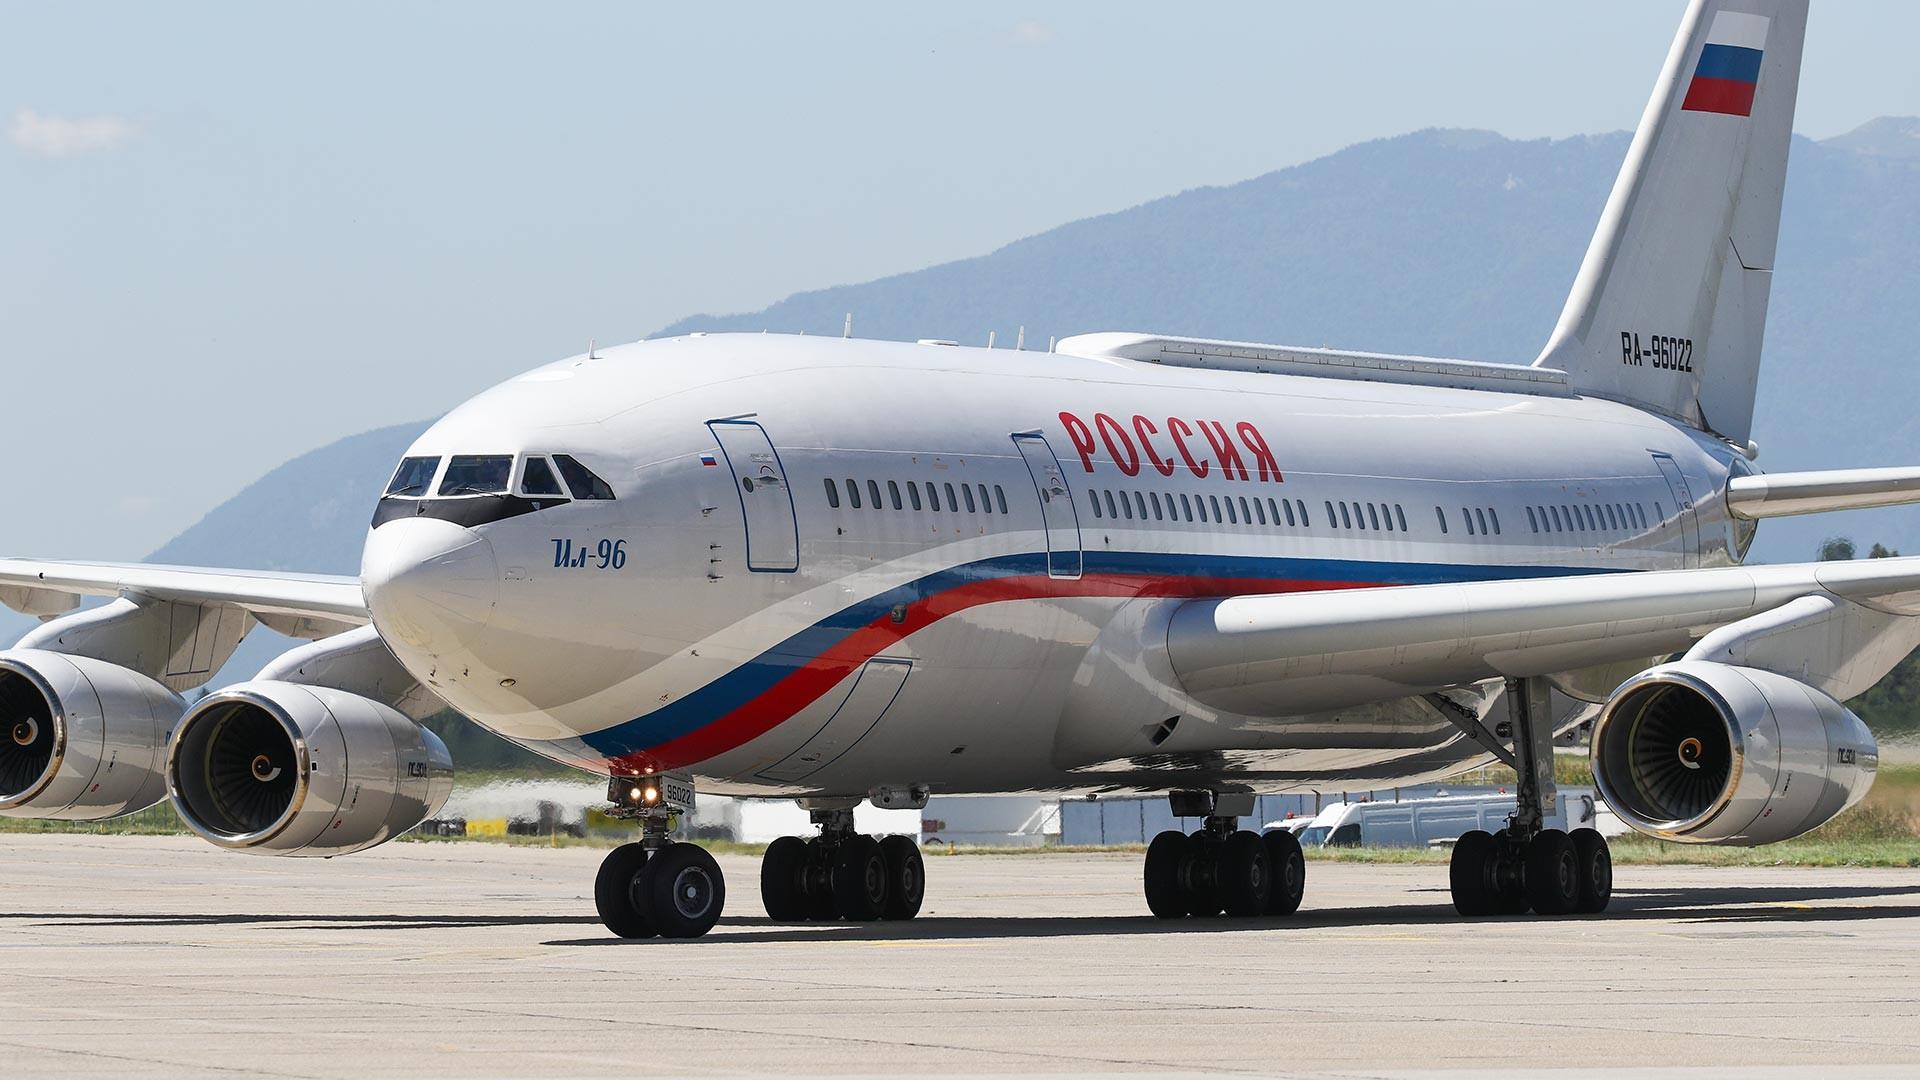 L'avion du président de la Fédération de Russie Vladimir Poutine à l'aéroport de Genève